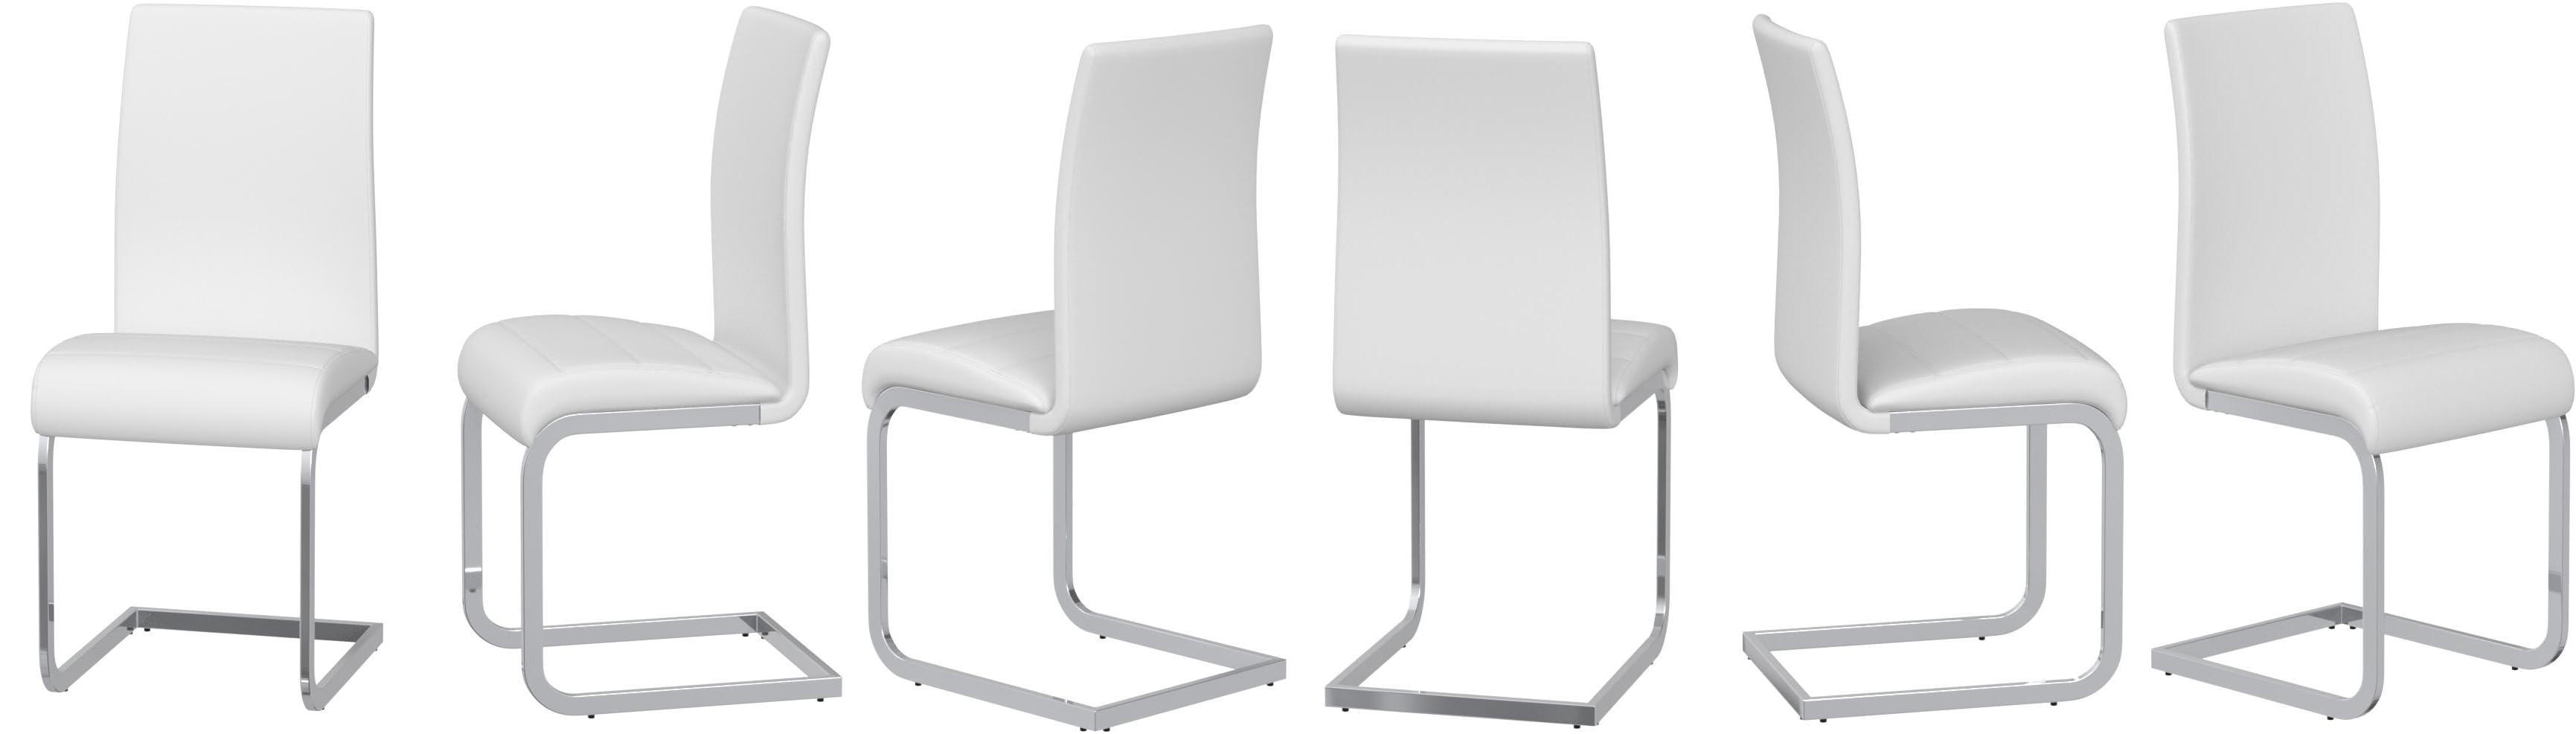 IDIMEX Lot de 4 chaises de Salle /à Manger Evelyn pi/ètement chrom/é rev/êtement synth/étique Noir et Blanc